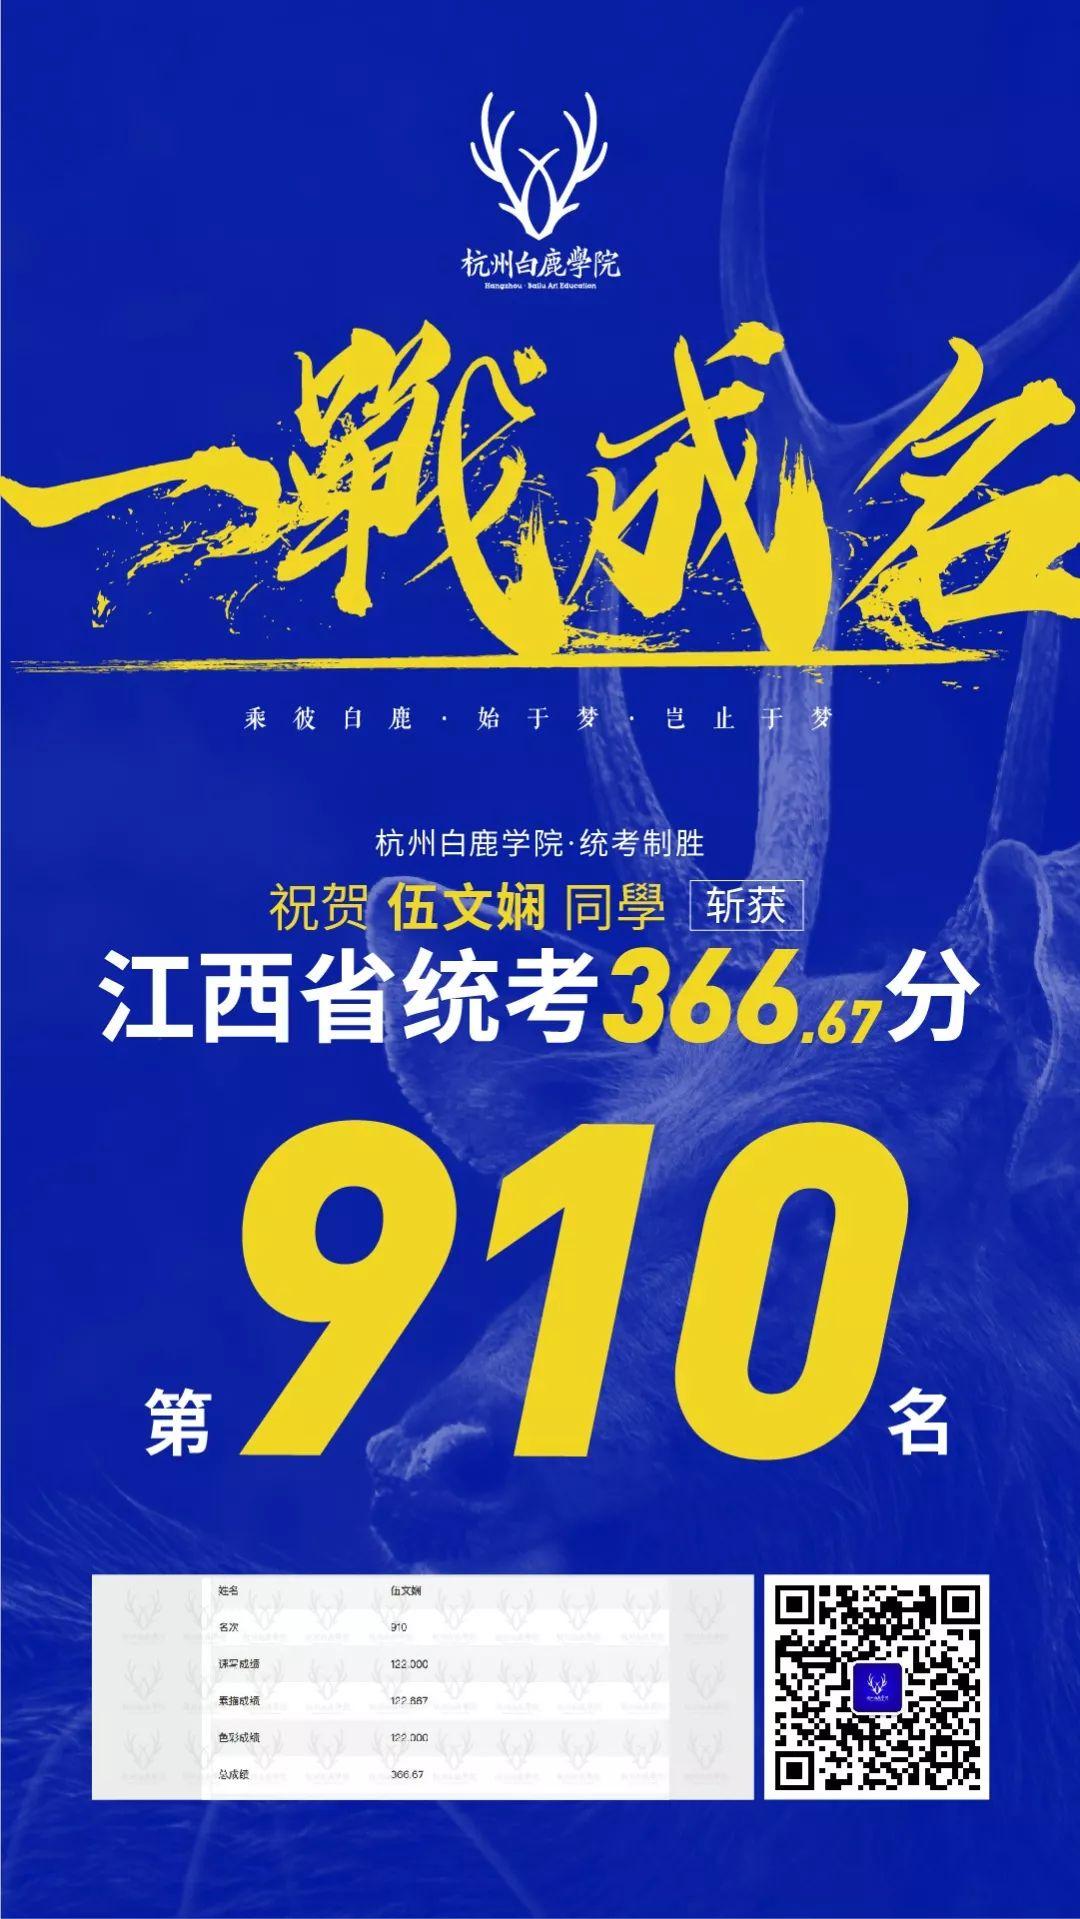 杭州画室,杭州美术培训,杭州联考美术培训,26